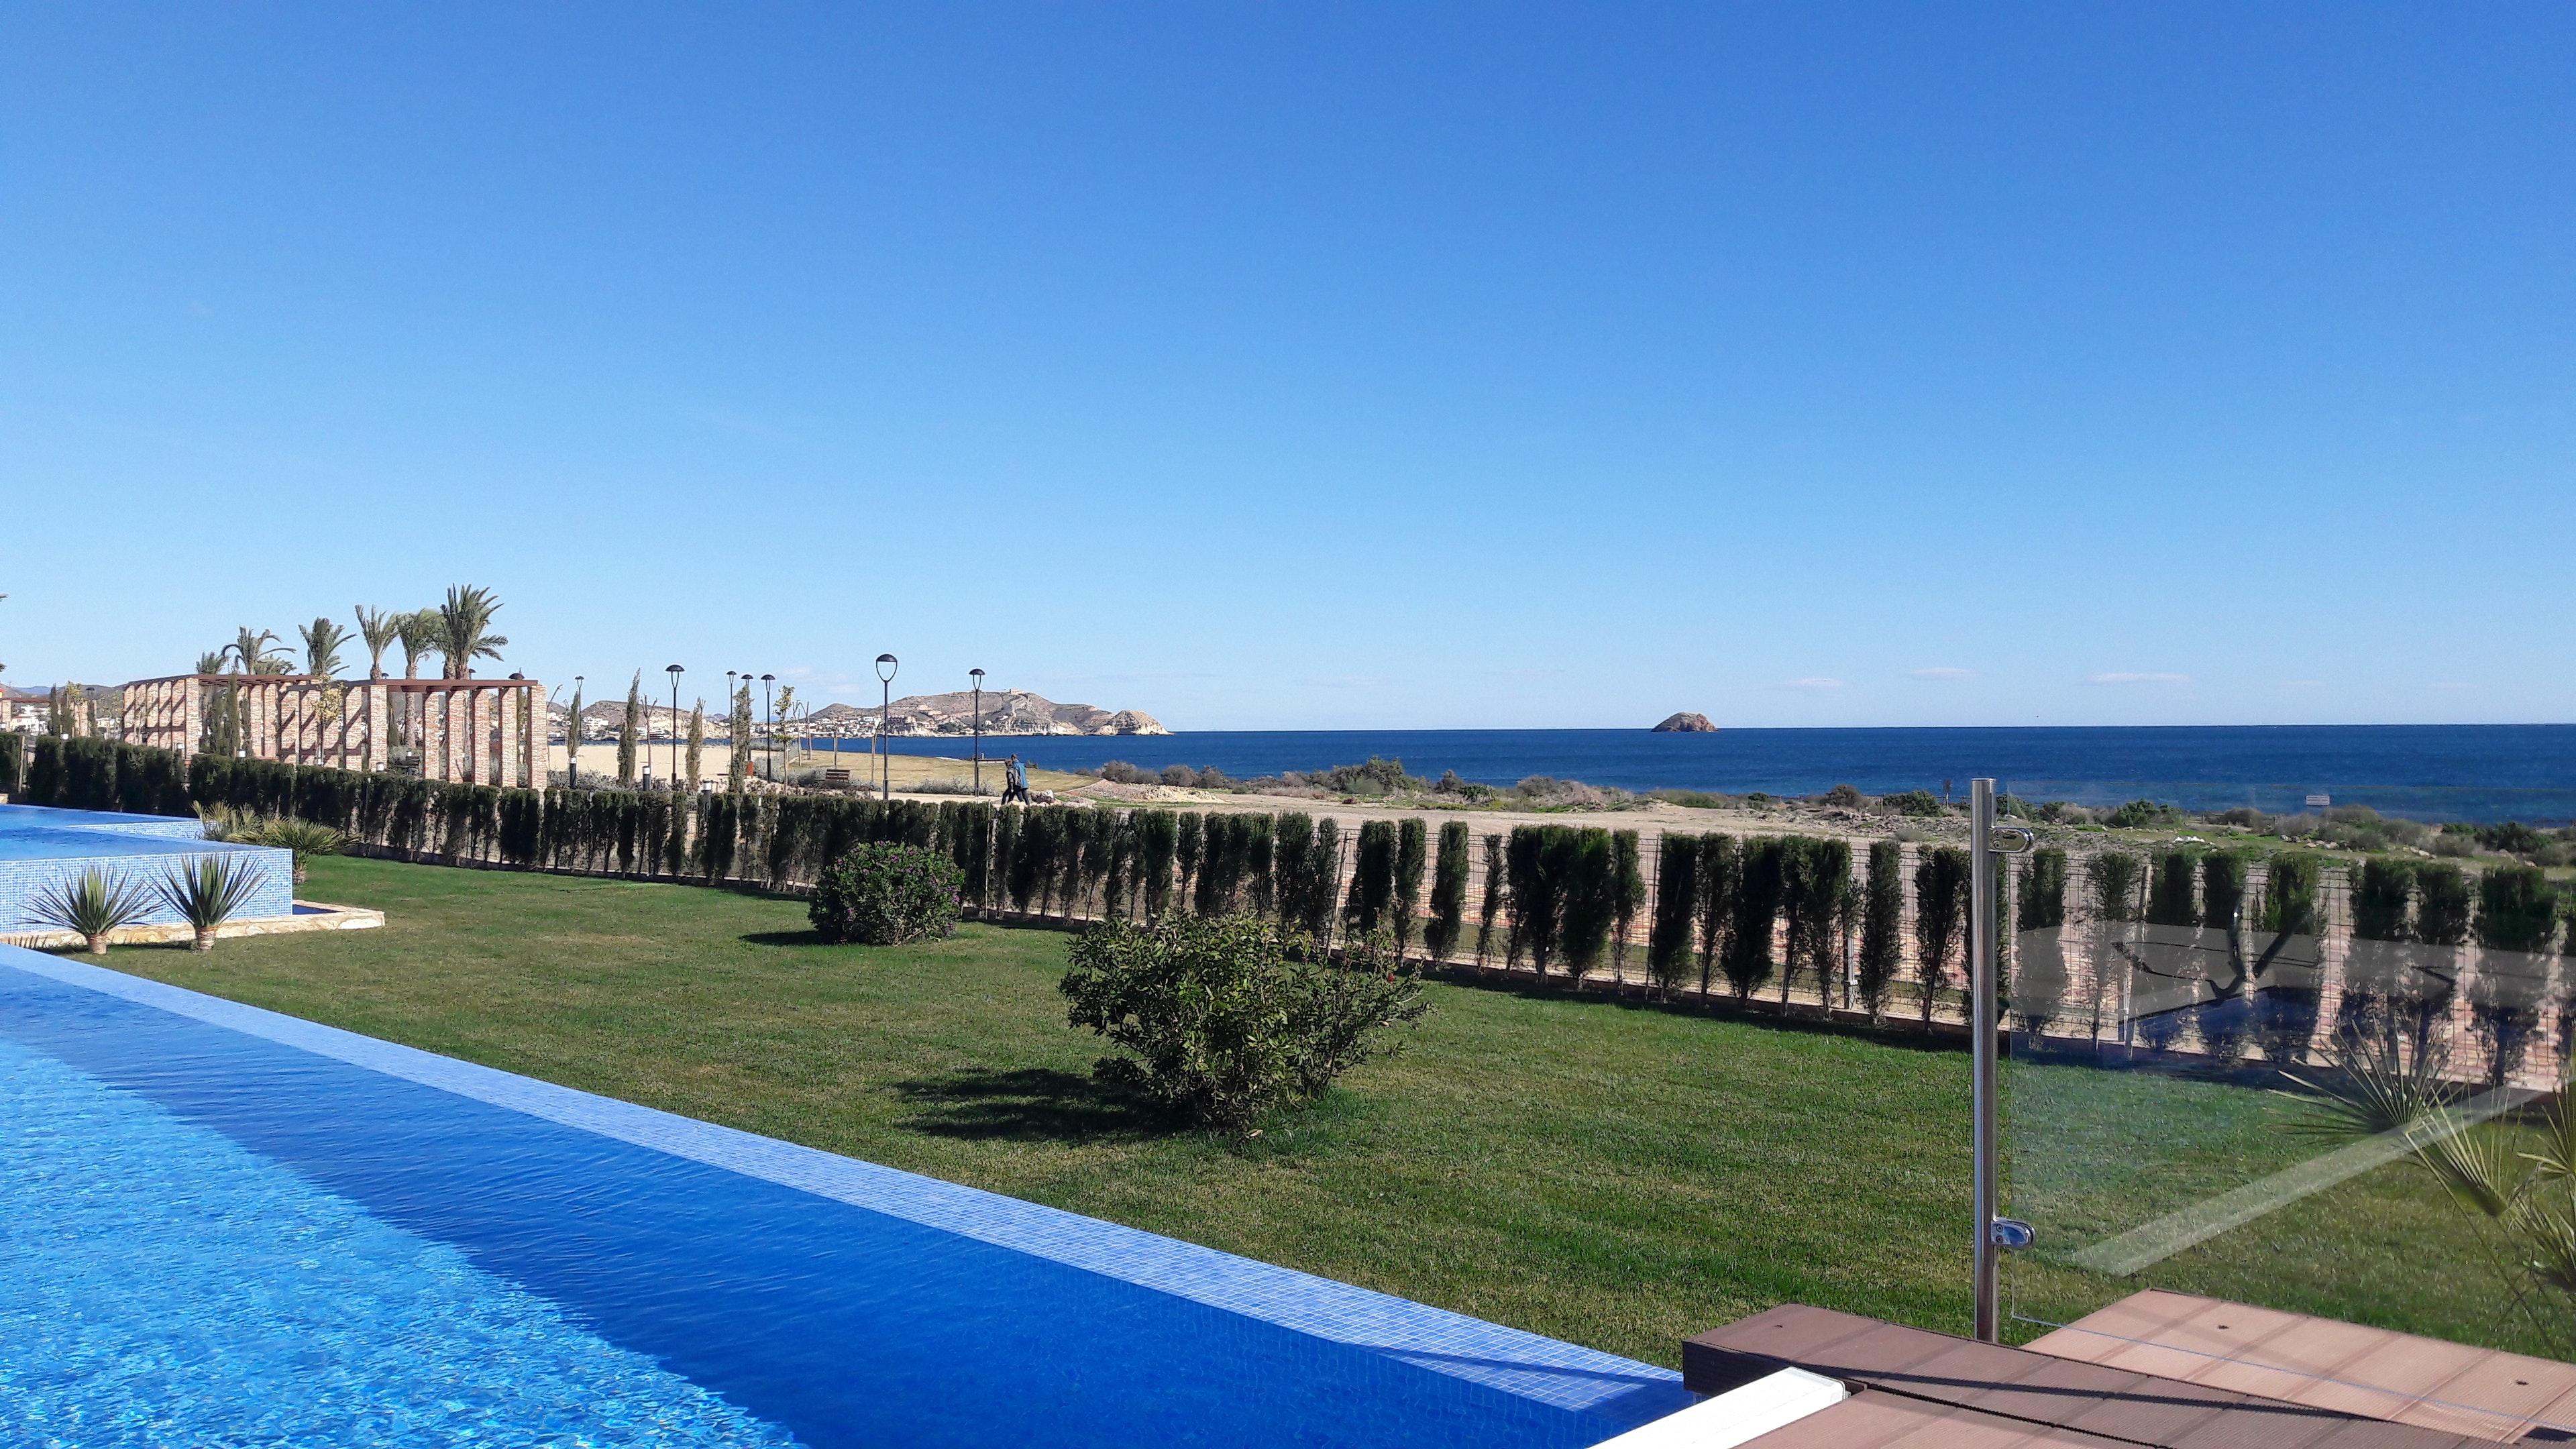 Ferienwohnung Wohnung mit 2 Schlafzimmern in San Juan de los Terreros mit herrlichem Meerblick, Pool, ei (2372661), San Juan de los Terreros, Costa de Almeria, Andalusien, Spanien, Bild 21